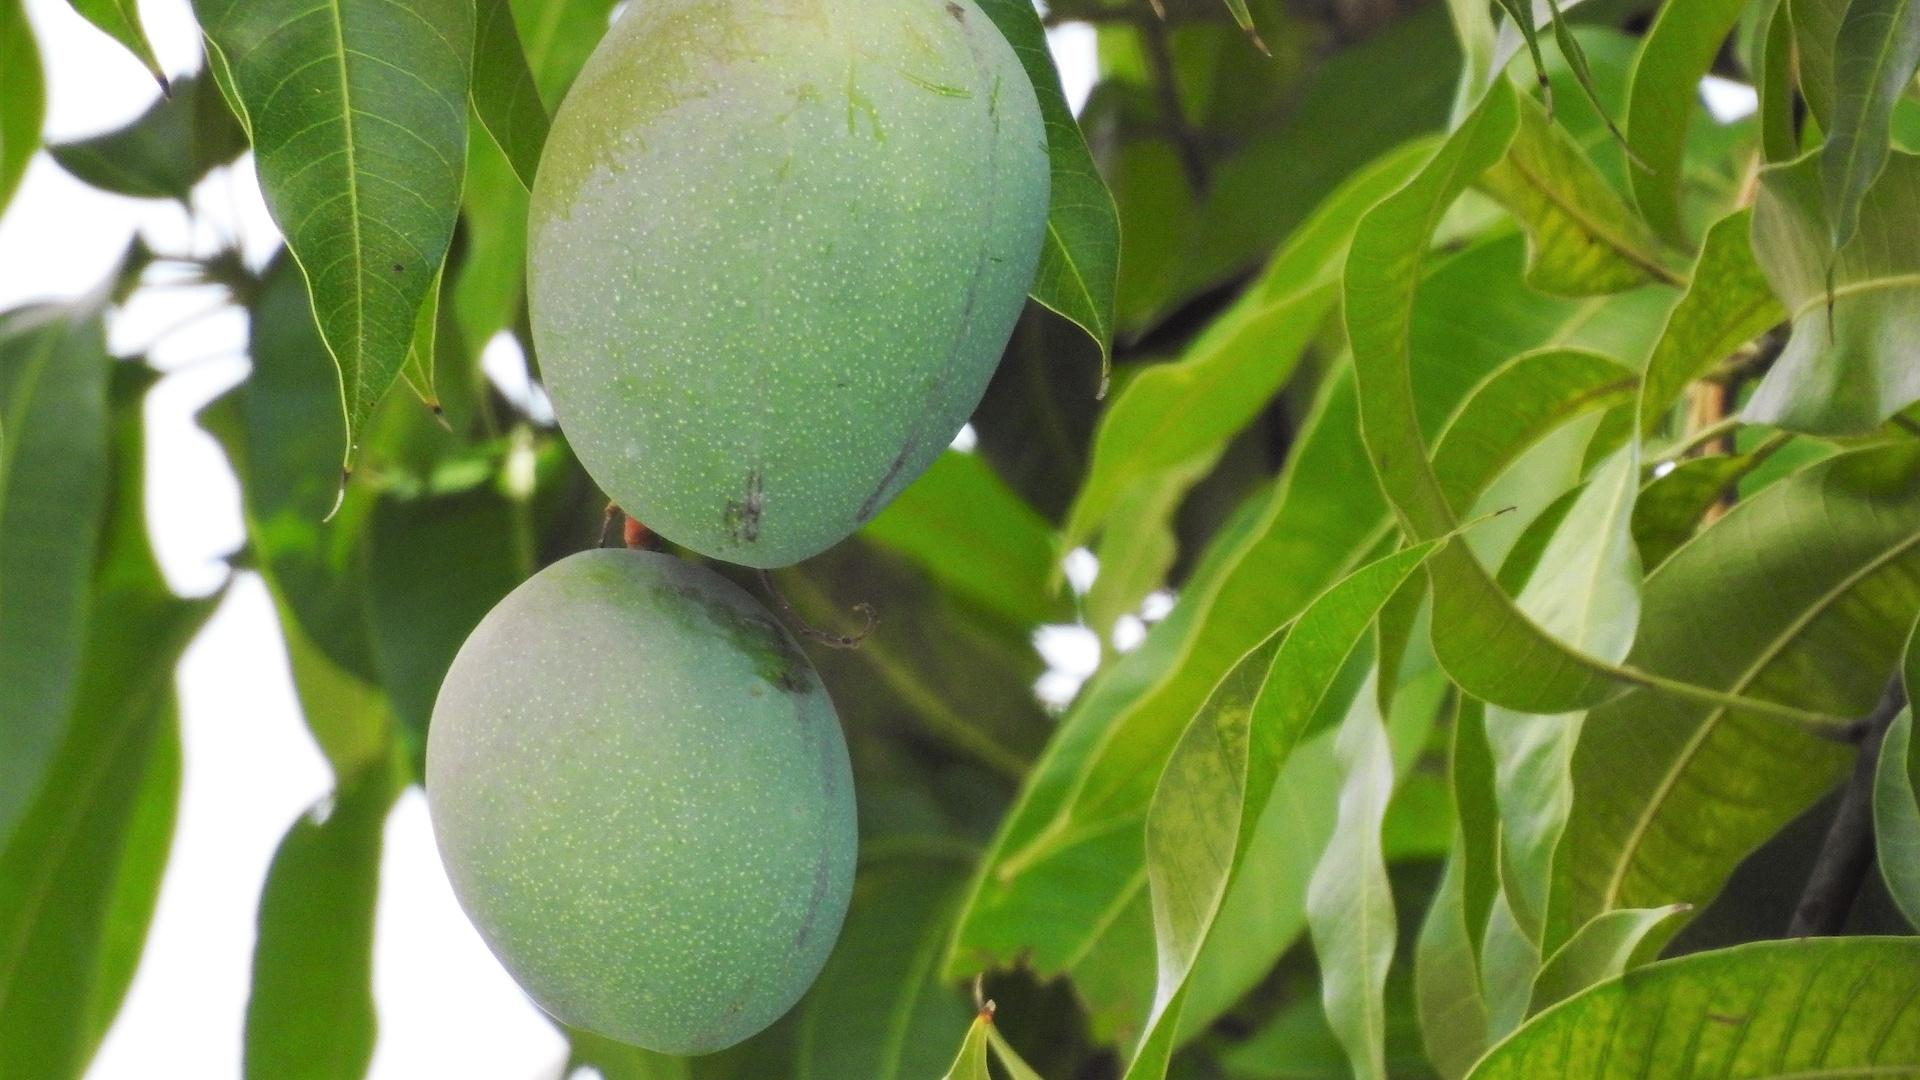 Mangokern einpflanzen: So klappt's mit der Anzucht